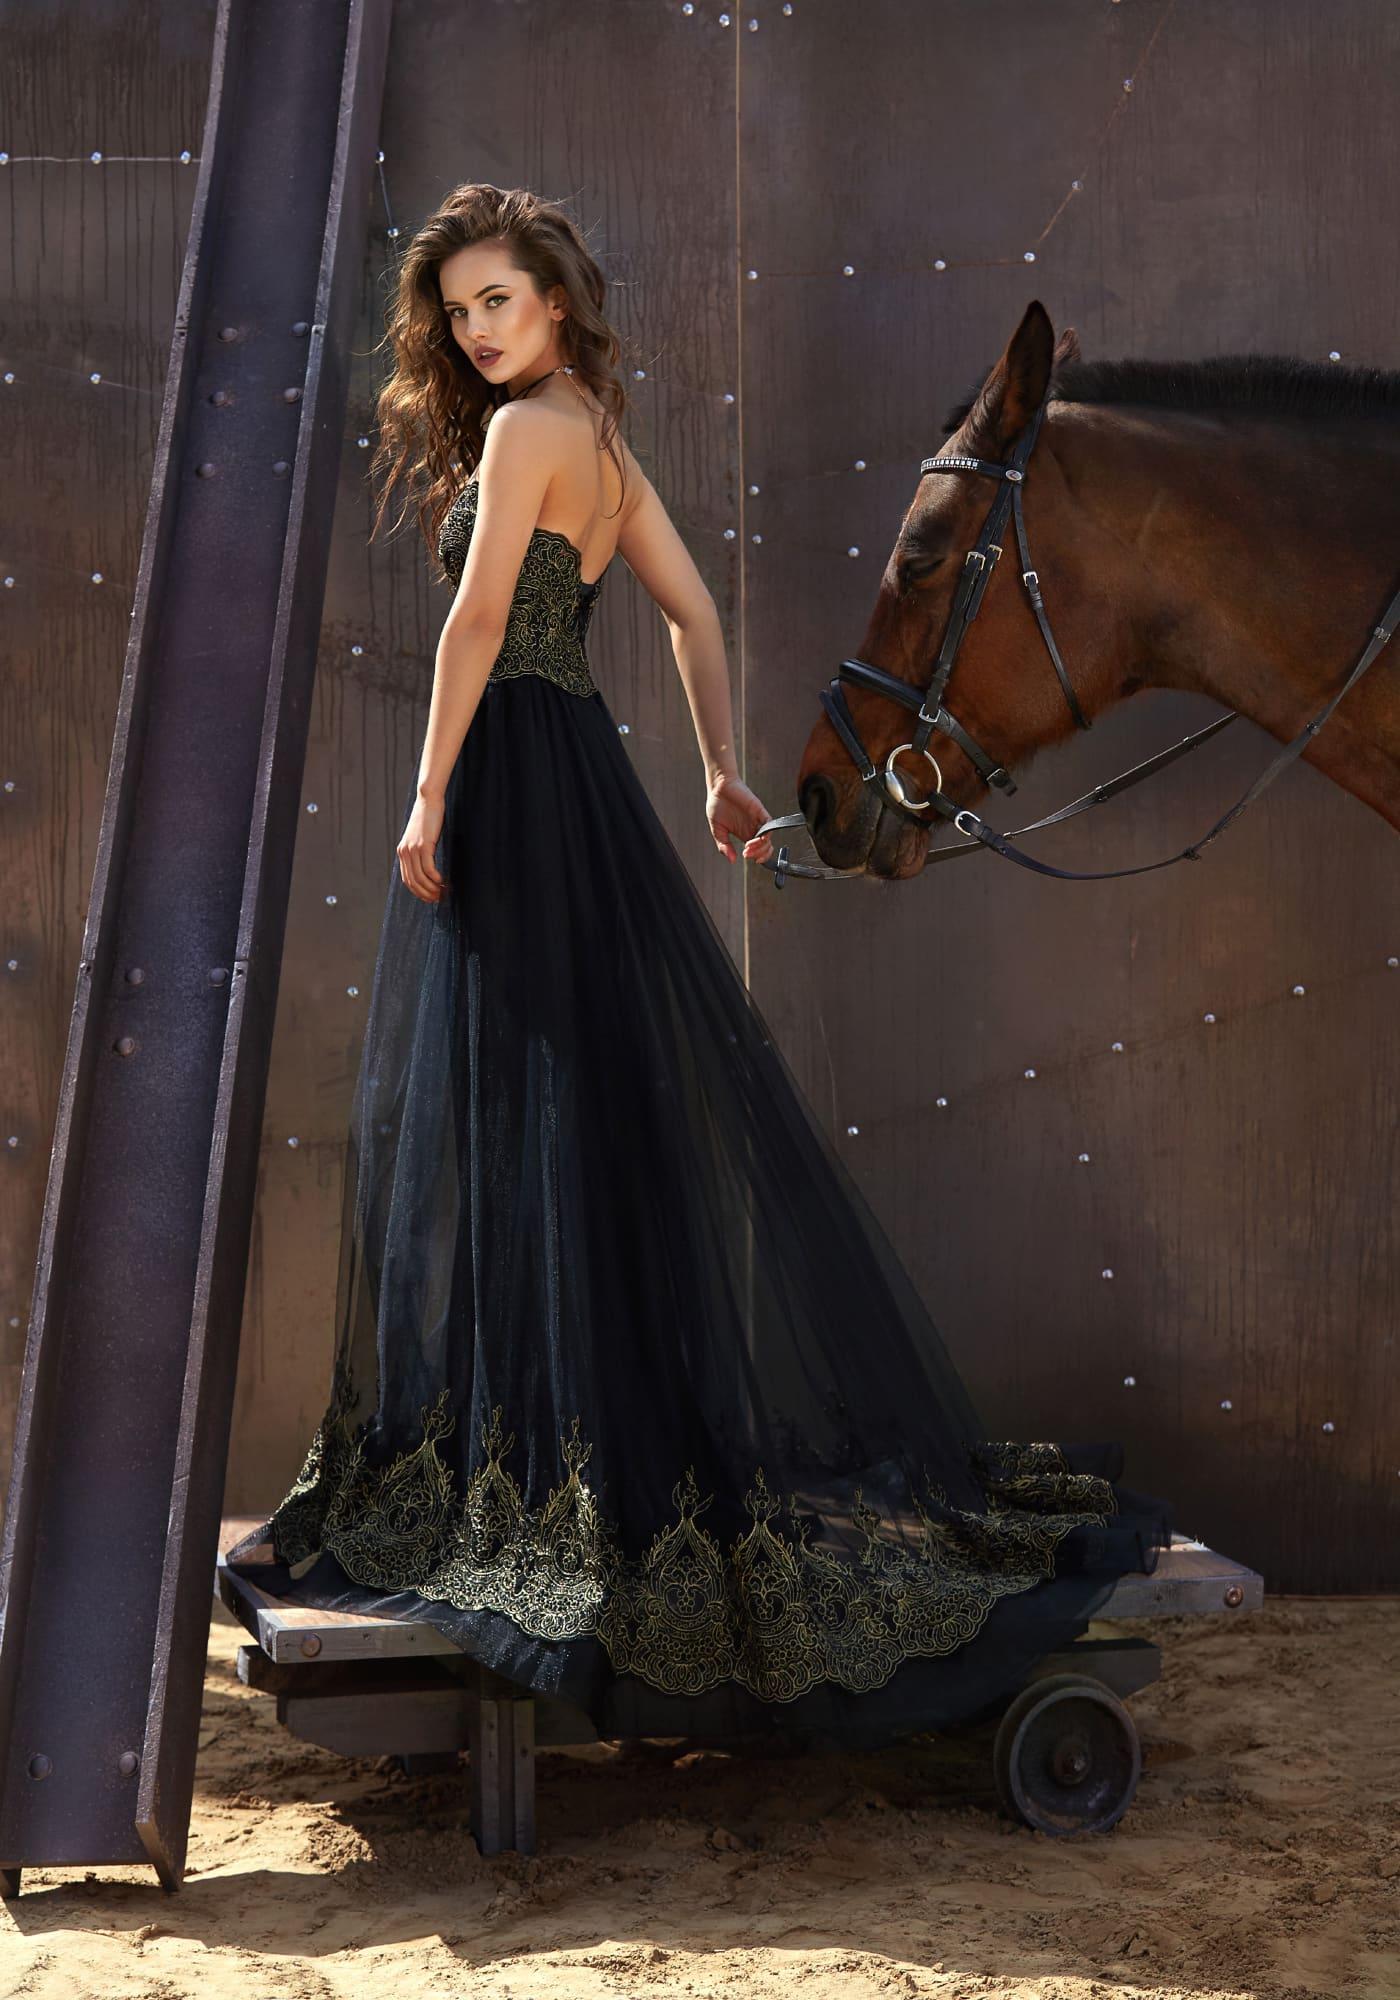 Эффектное черное вечернее платье с открытым корсетом, покрытым нежной золотой вышивкой.